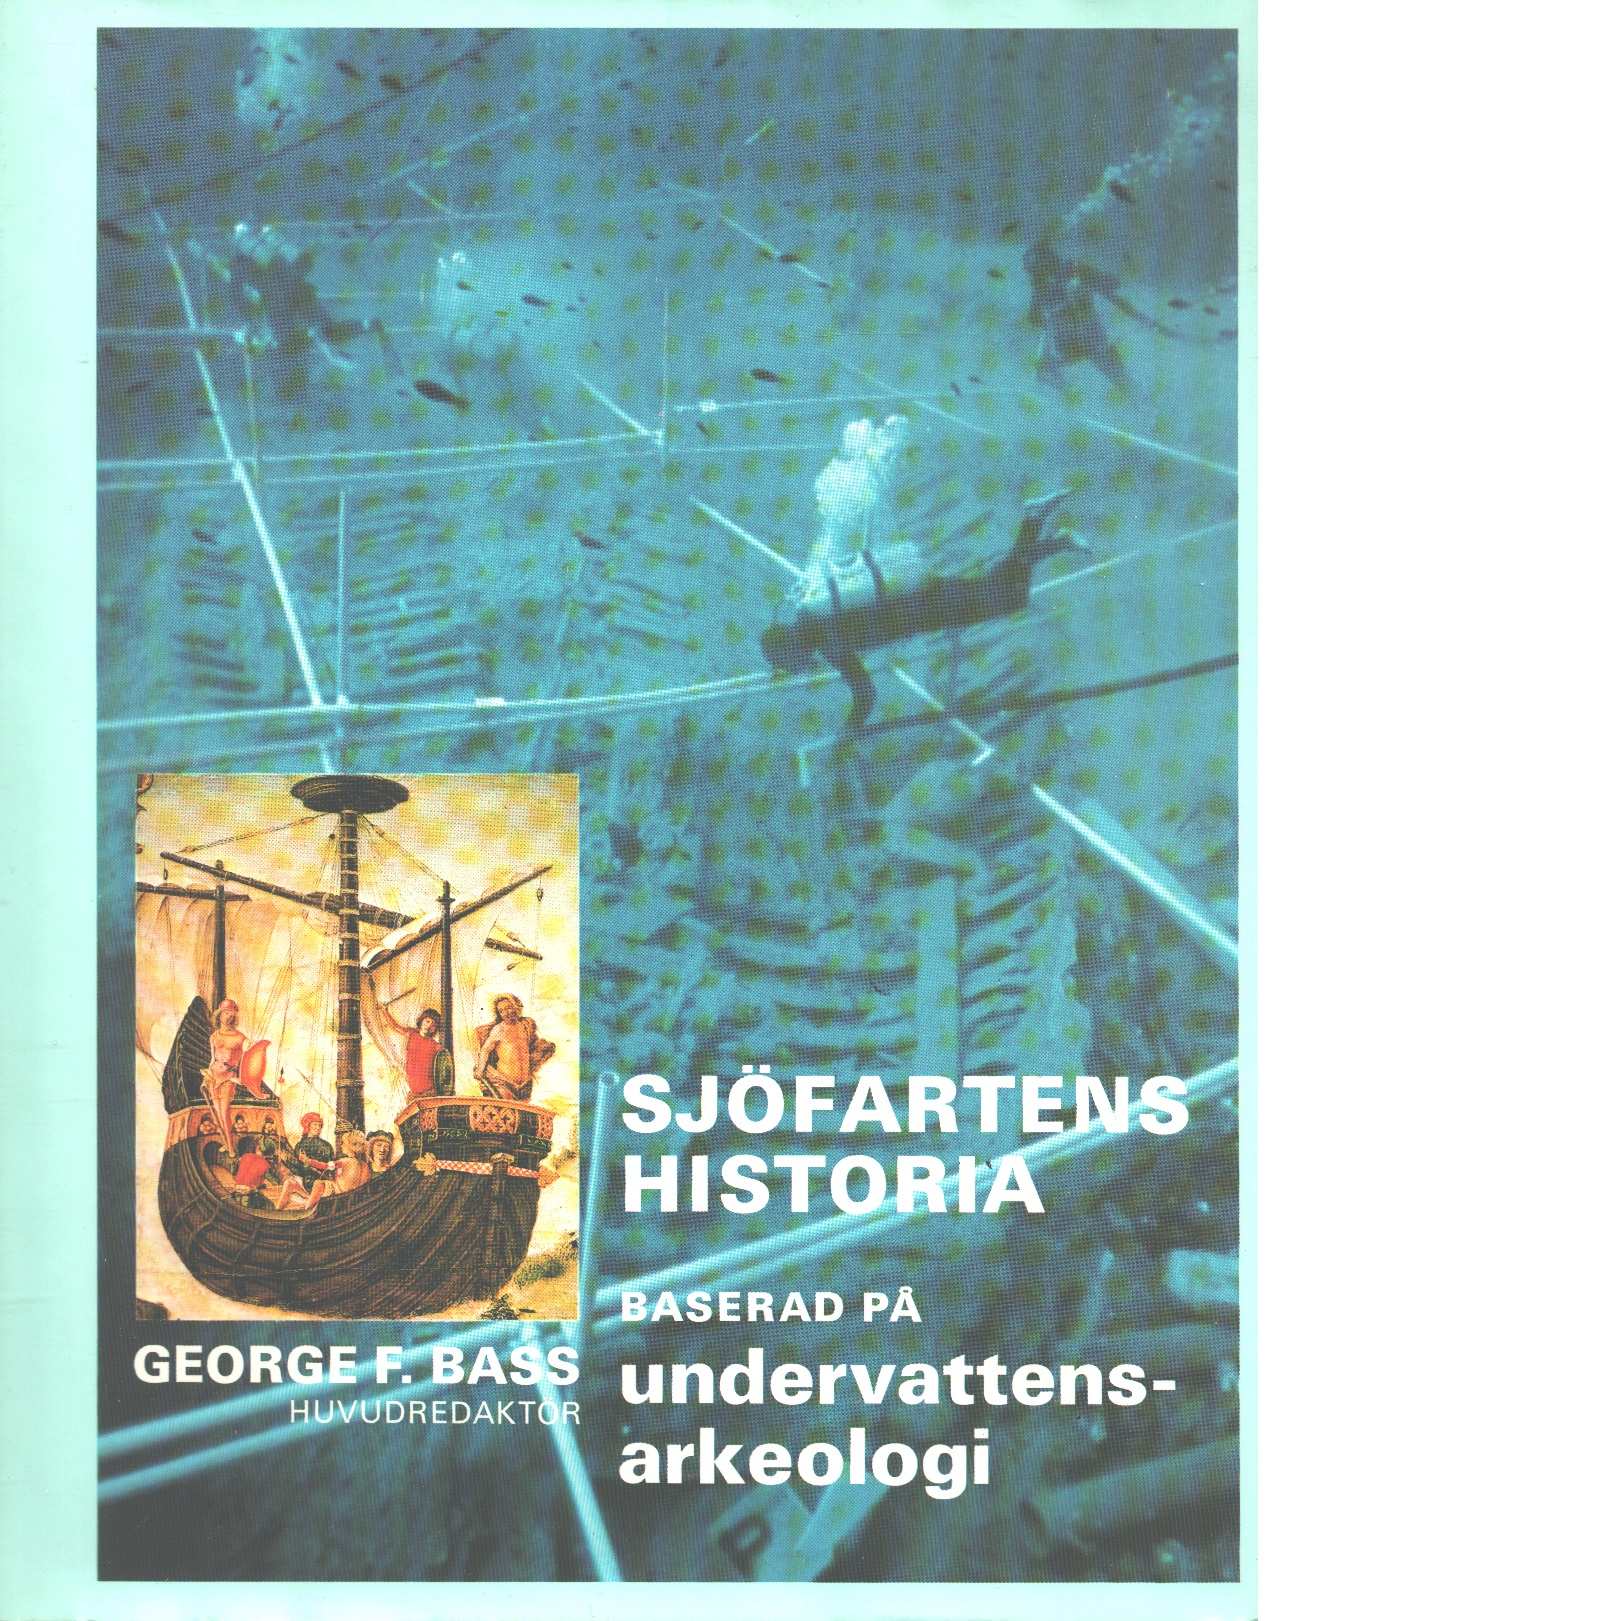 Sjöfartens historia : baserad på undervattensarkeologi - Bass, George F.